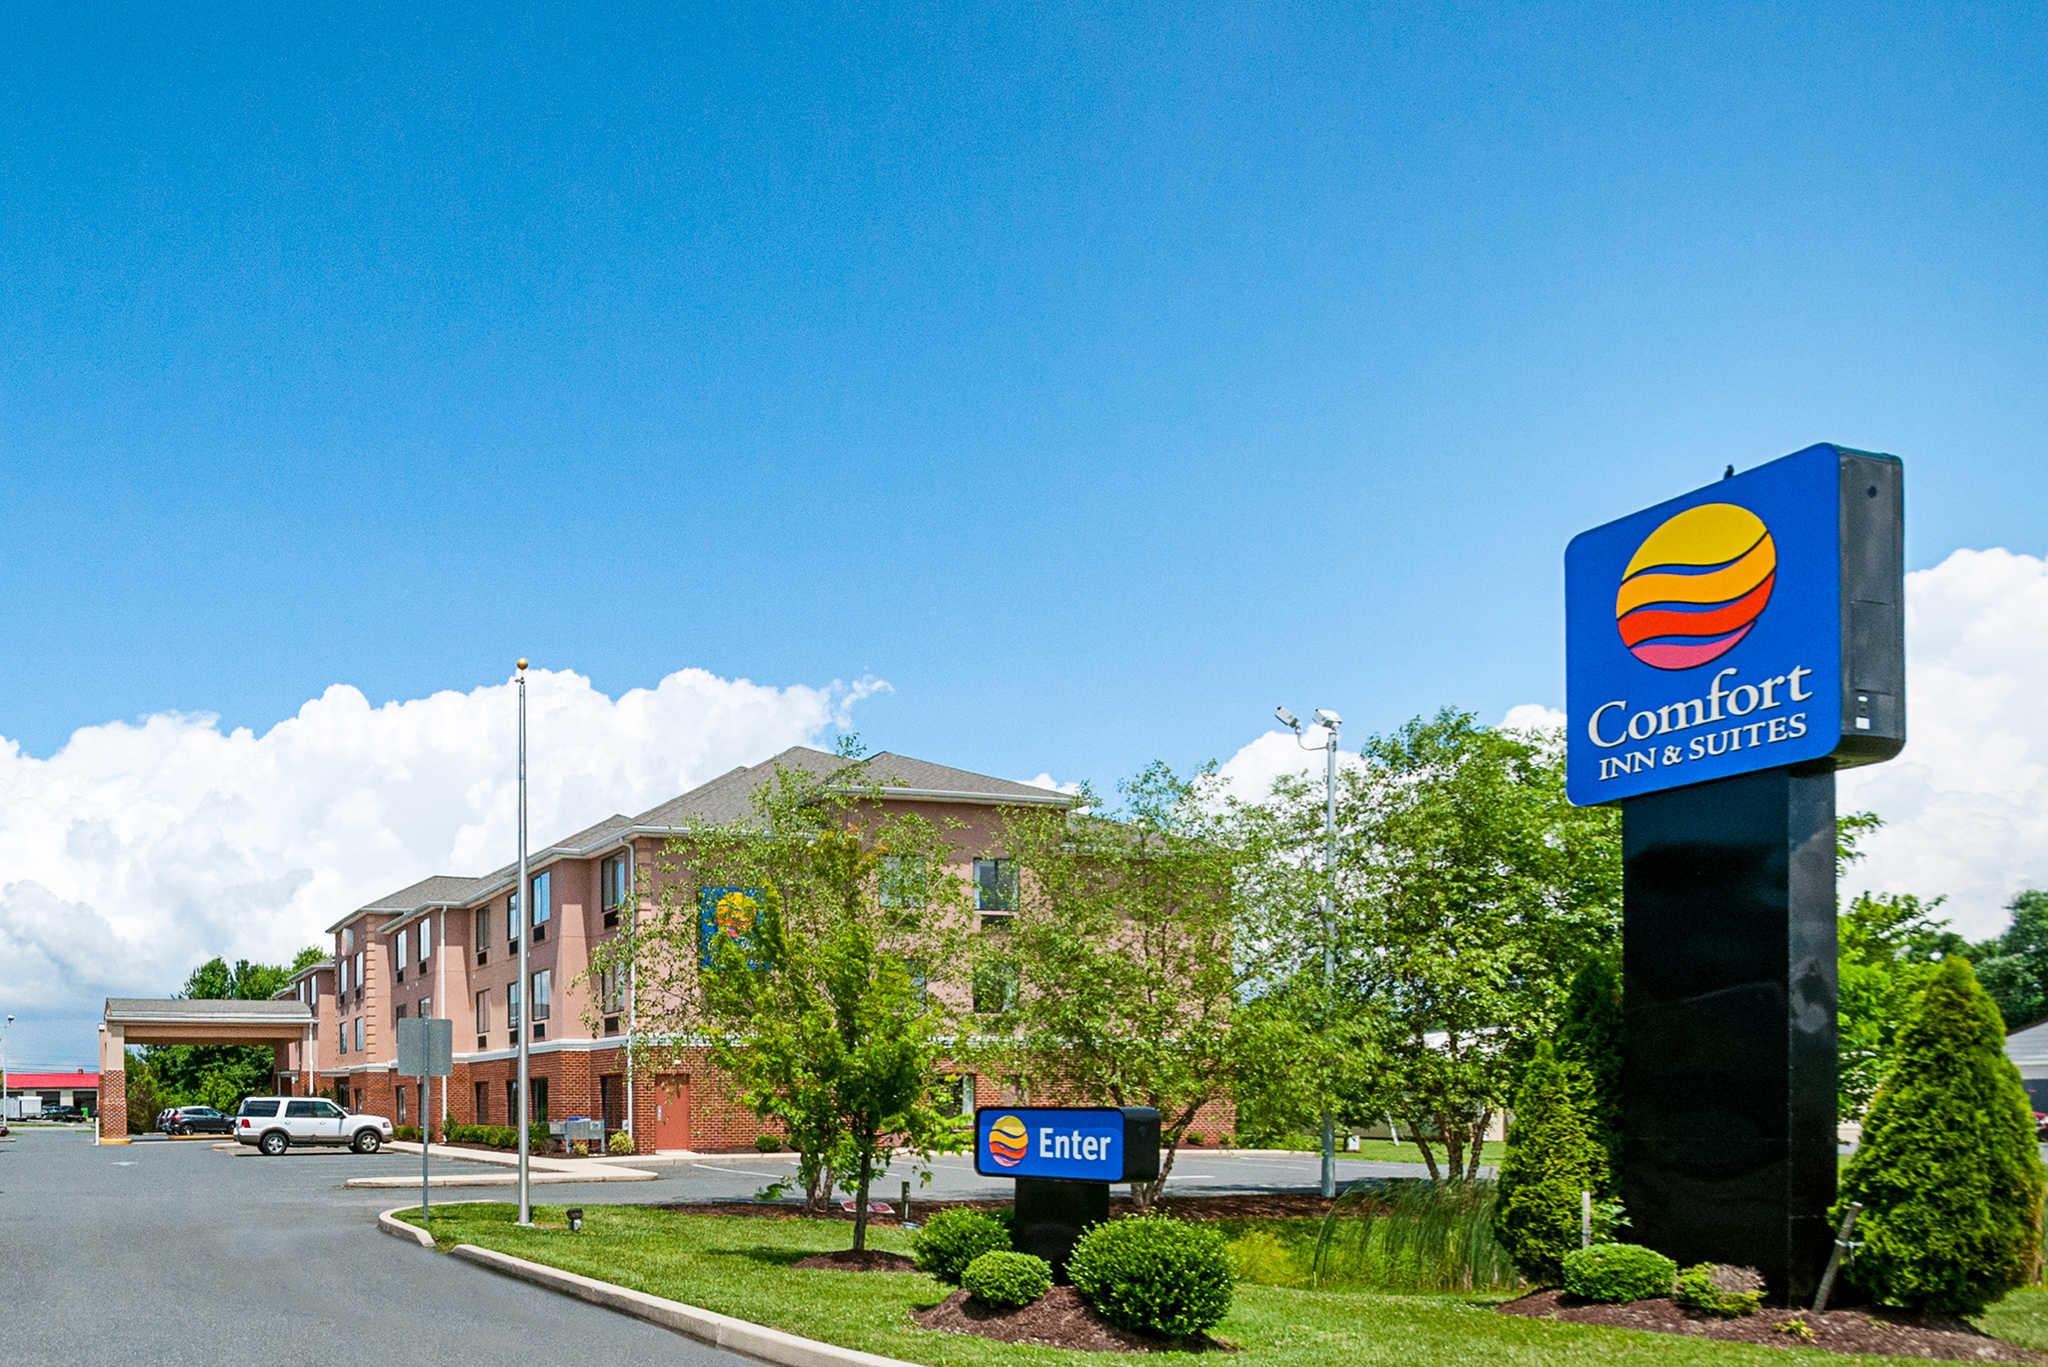 Comfort Inn & Suites Cambridge image 1